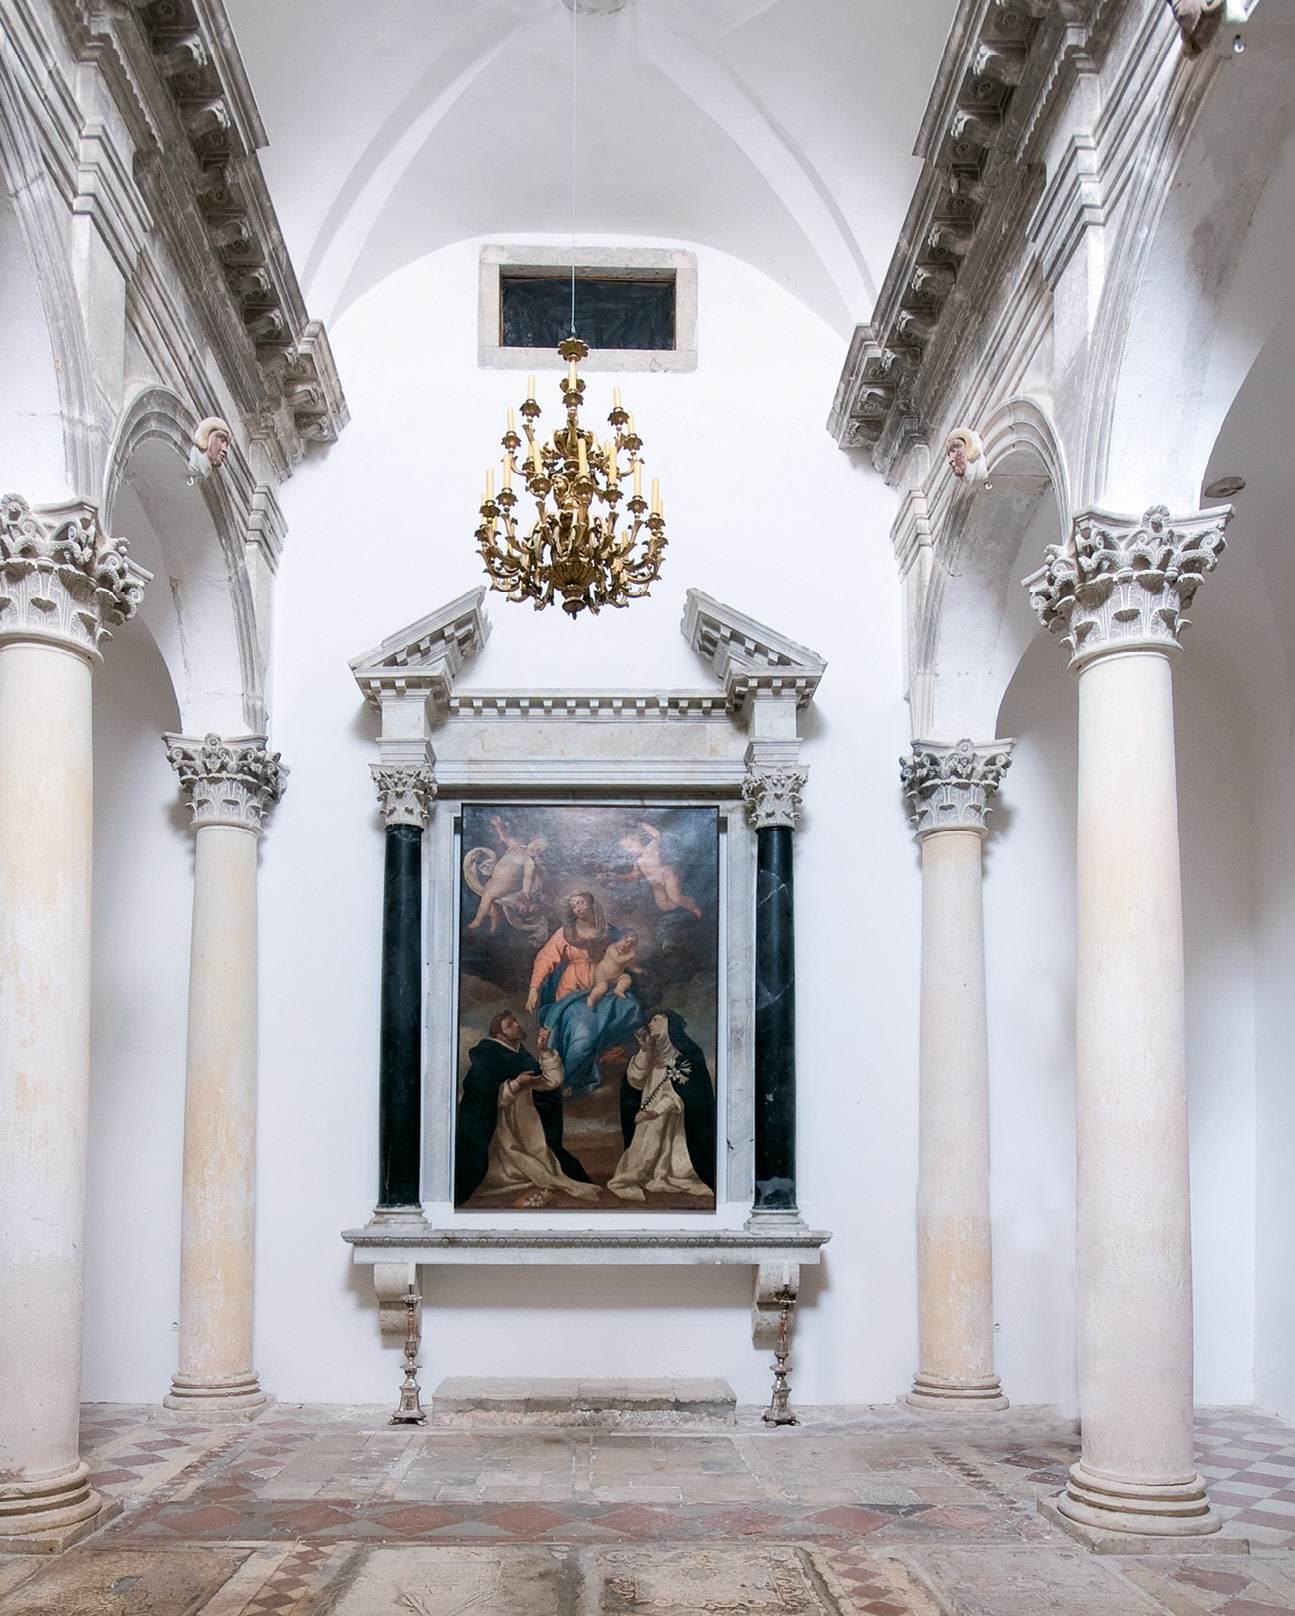 FELJTON: Barokna blagdanska čarolija